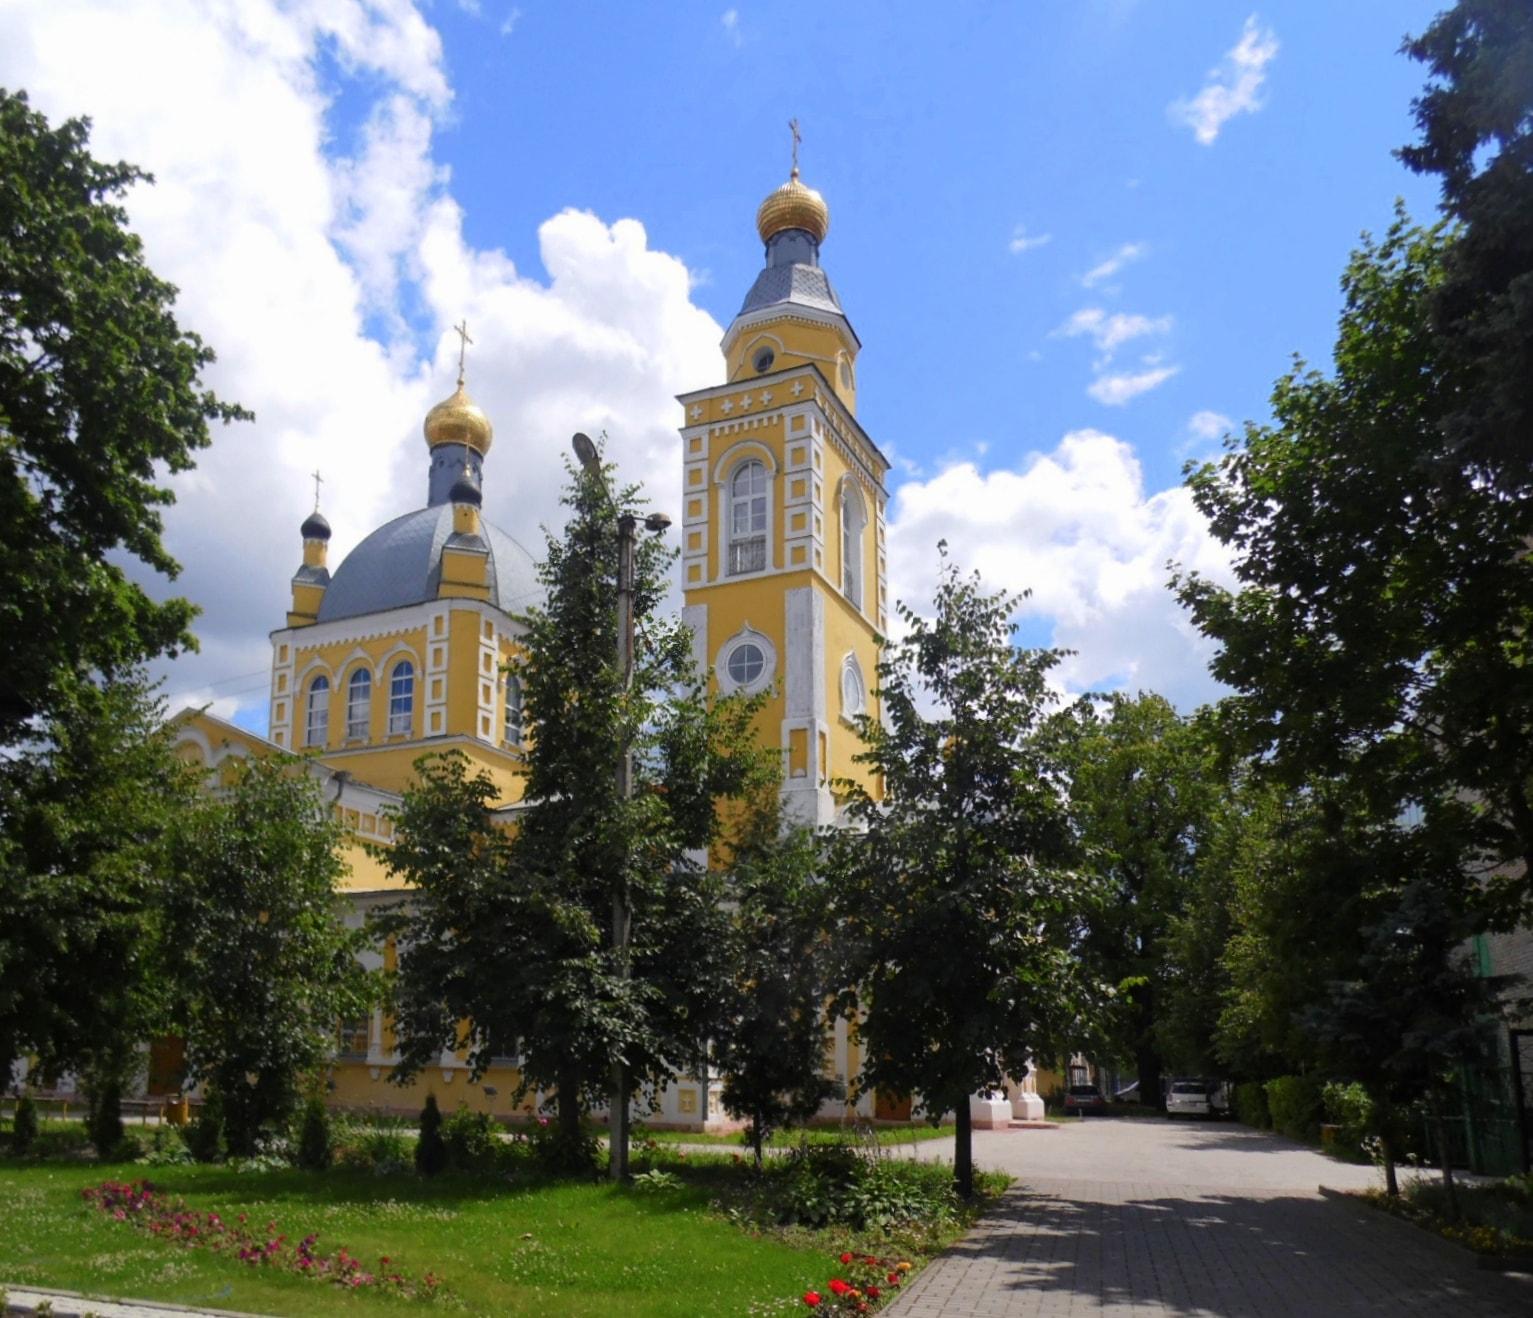 Клинцы, фото собора в Клинцах.